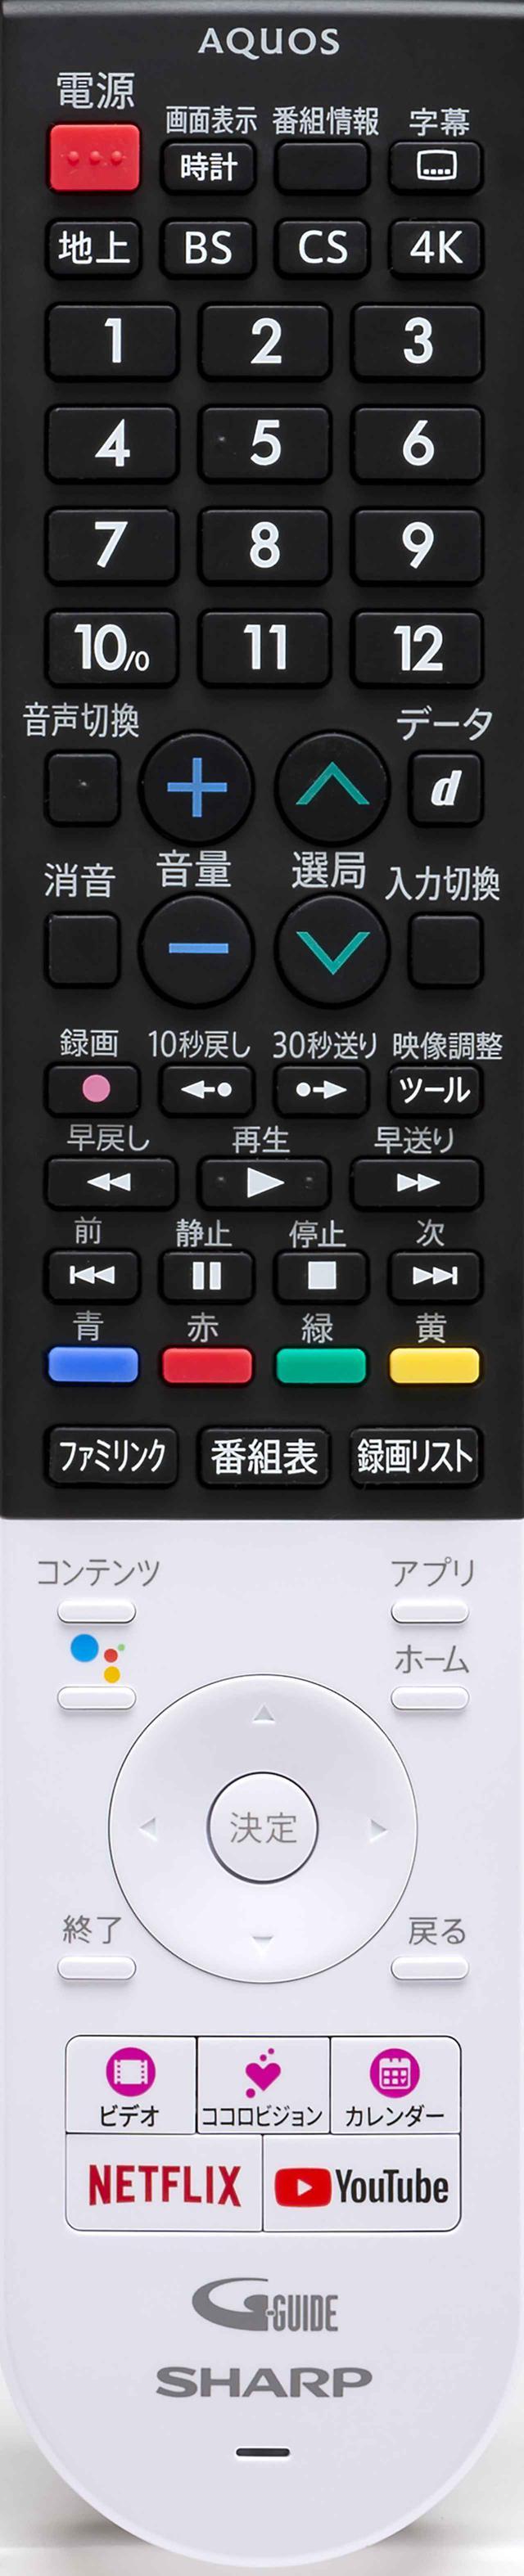 画像: 近年のアクオス流儀通りのリモコンを同梱。Googleアシスタント対応により、音声での番組検索や、家電操作に対応する。独自サービス「COCORO VISION」もサポートし、その操作も本リモコンを用いる